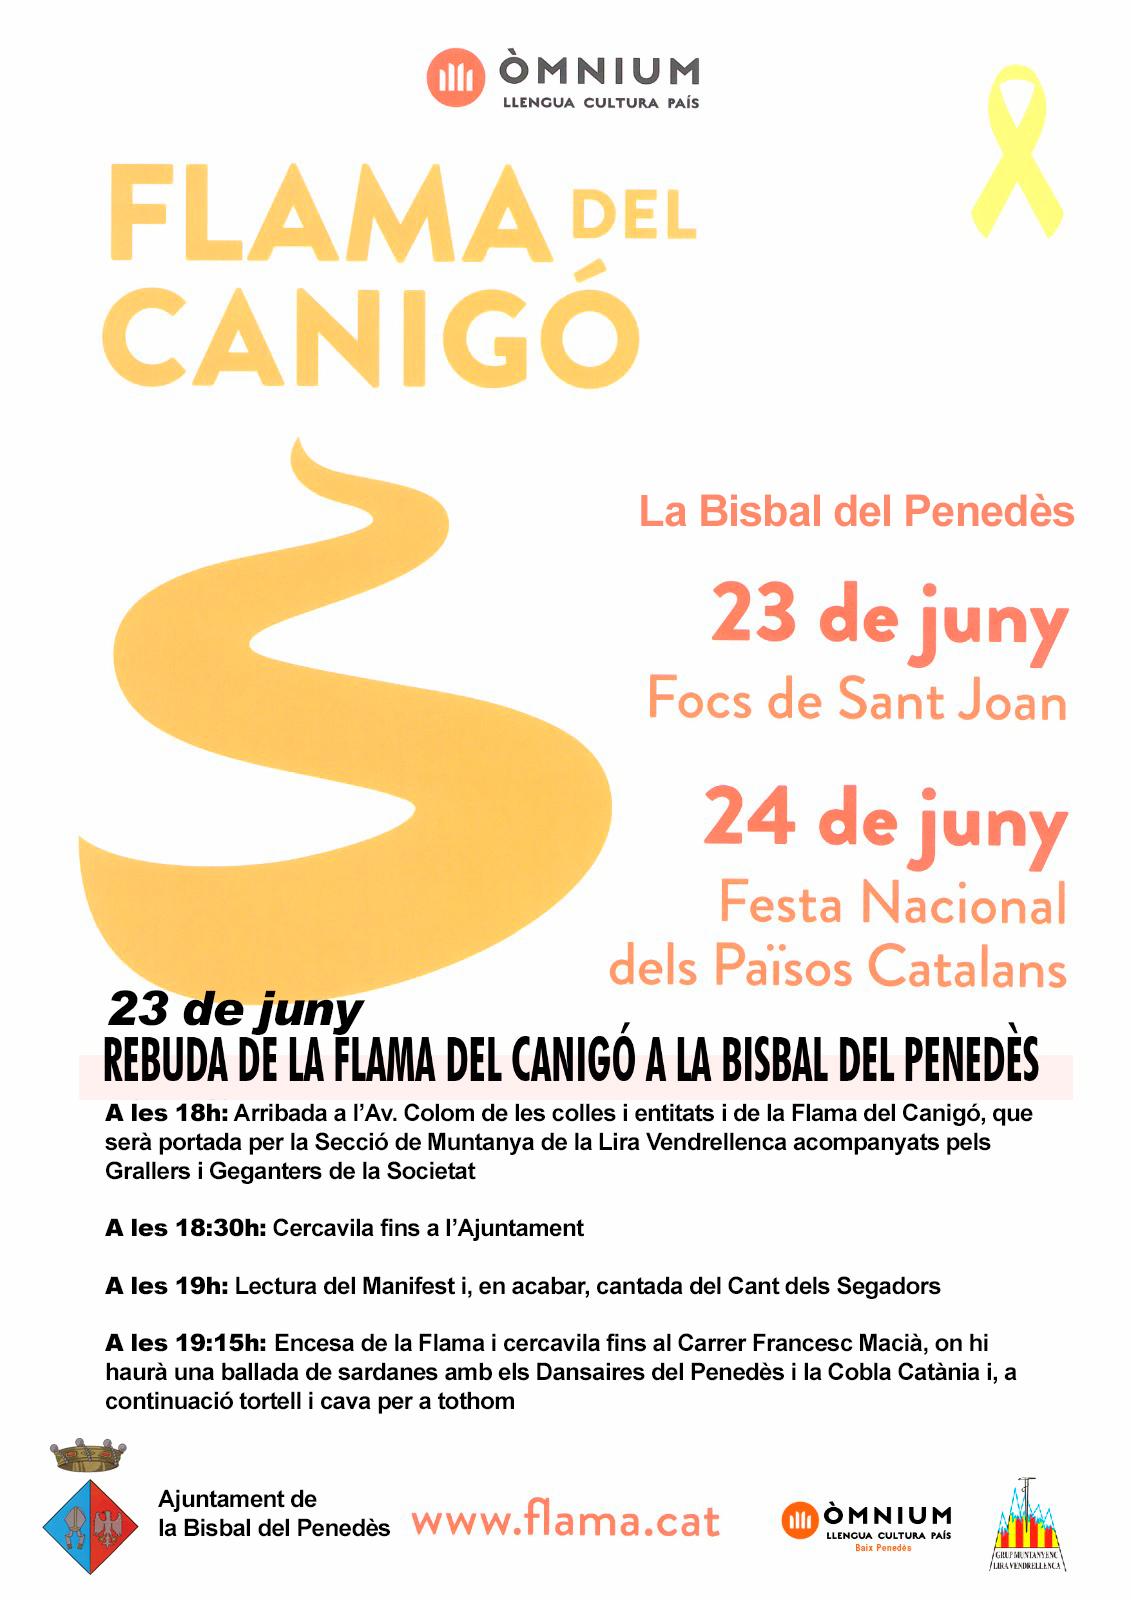 El dissabte 23 de juny arriba la Flama del Canigó a la Bisbal